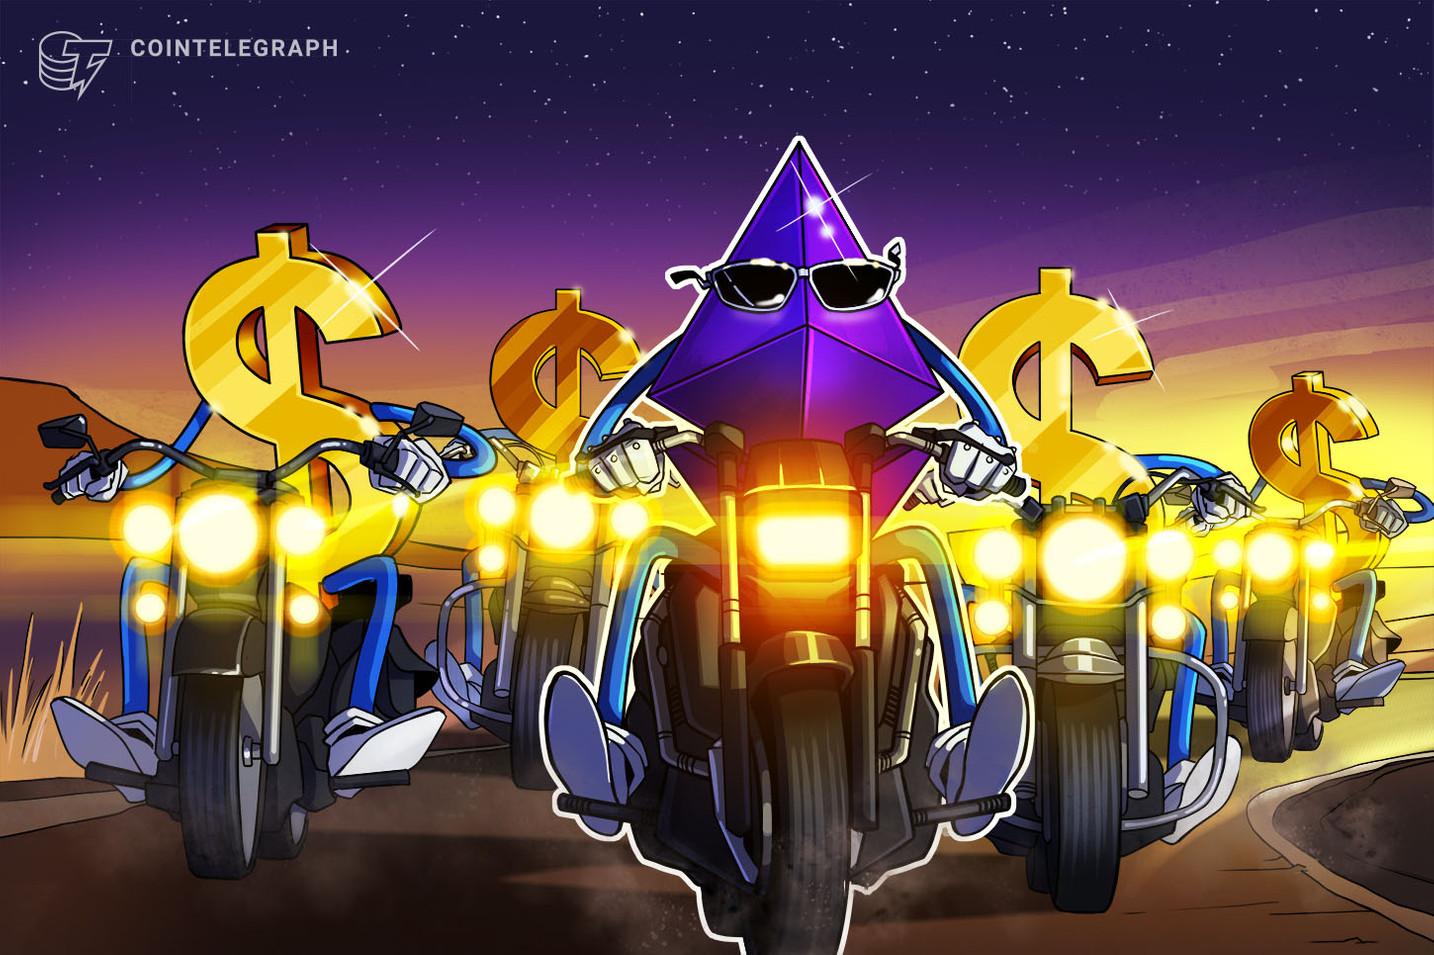 El precio de Ethereum finalmente alcanzó un nuevo máximo histórico al superar los USD 1,428